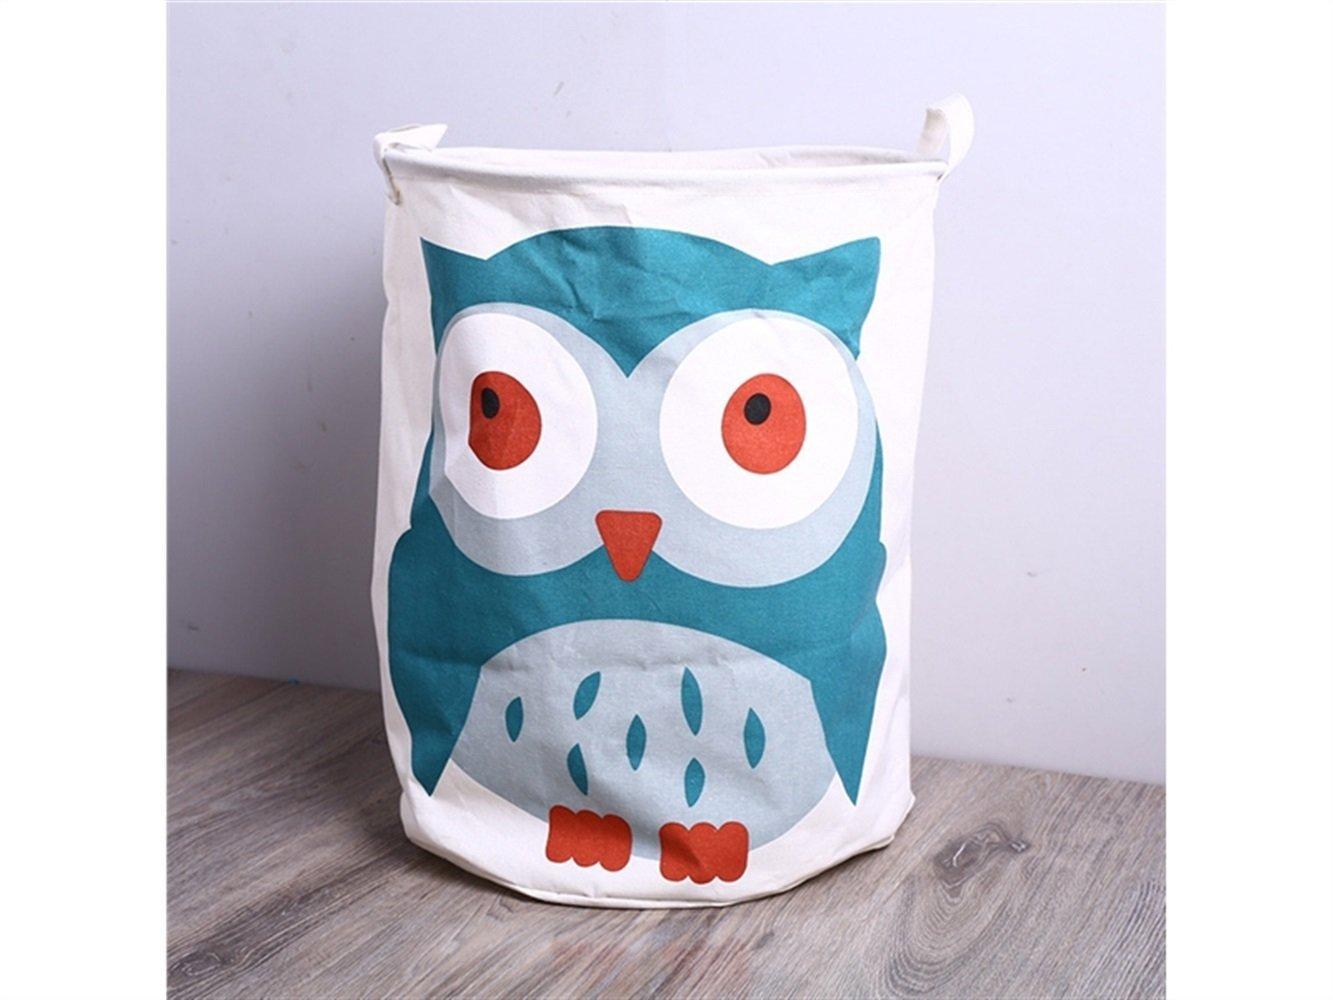 Gelaiken Lightweight Parrot Pattern Storage Bucket Cotton and Linen Bucket Cloth Storage Bucket Sundries Storage Laundry Bucket(White)